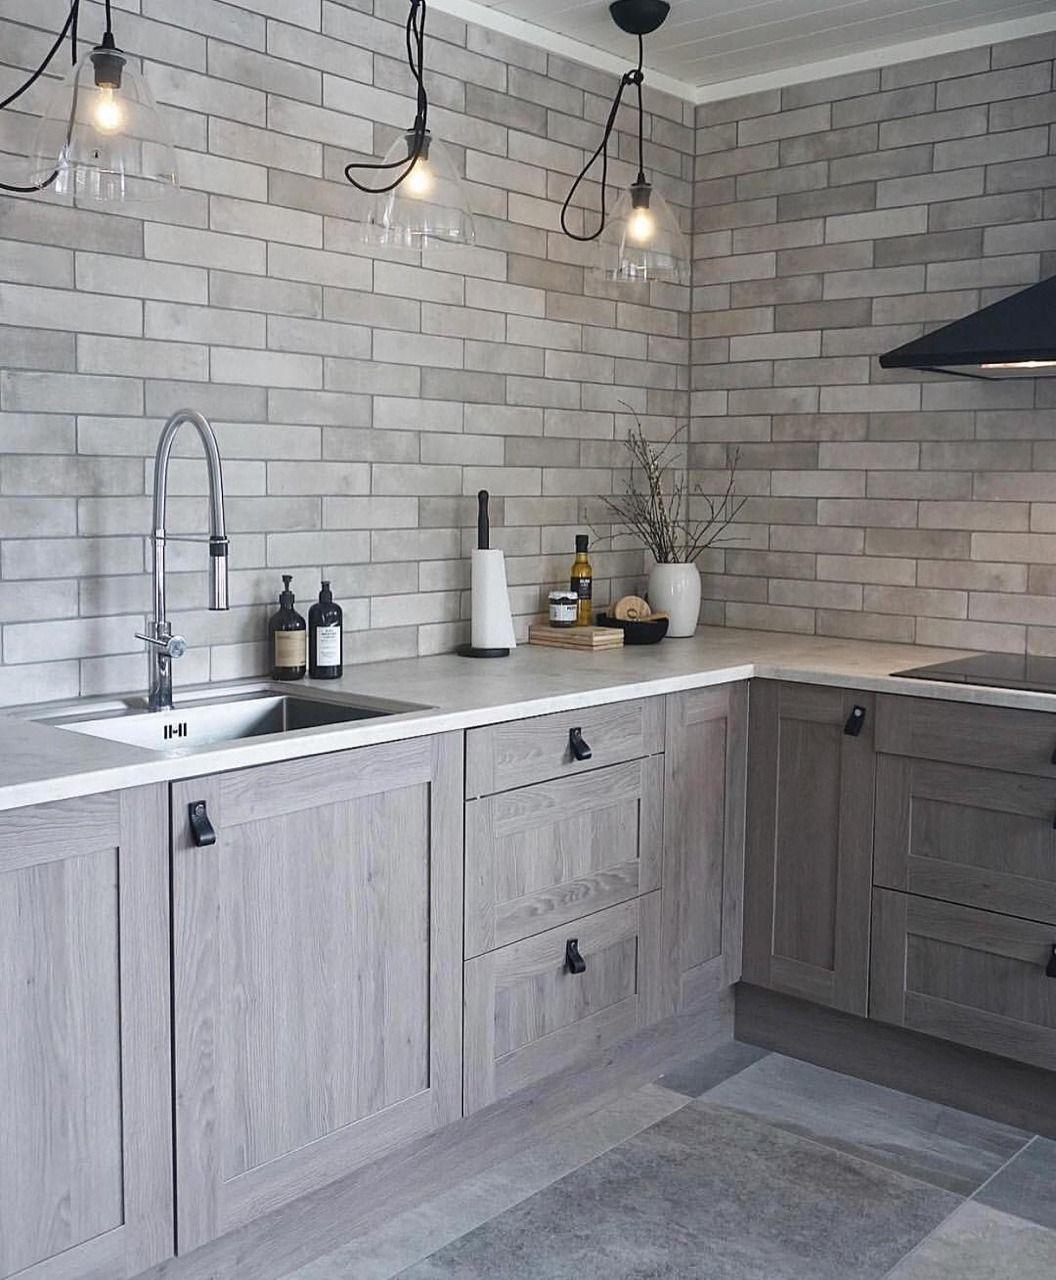 Kitchen Inspiration Kitchen Interior Inspiration Interior Design Kitchen Small Kitchen Appliances Design